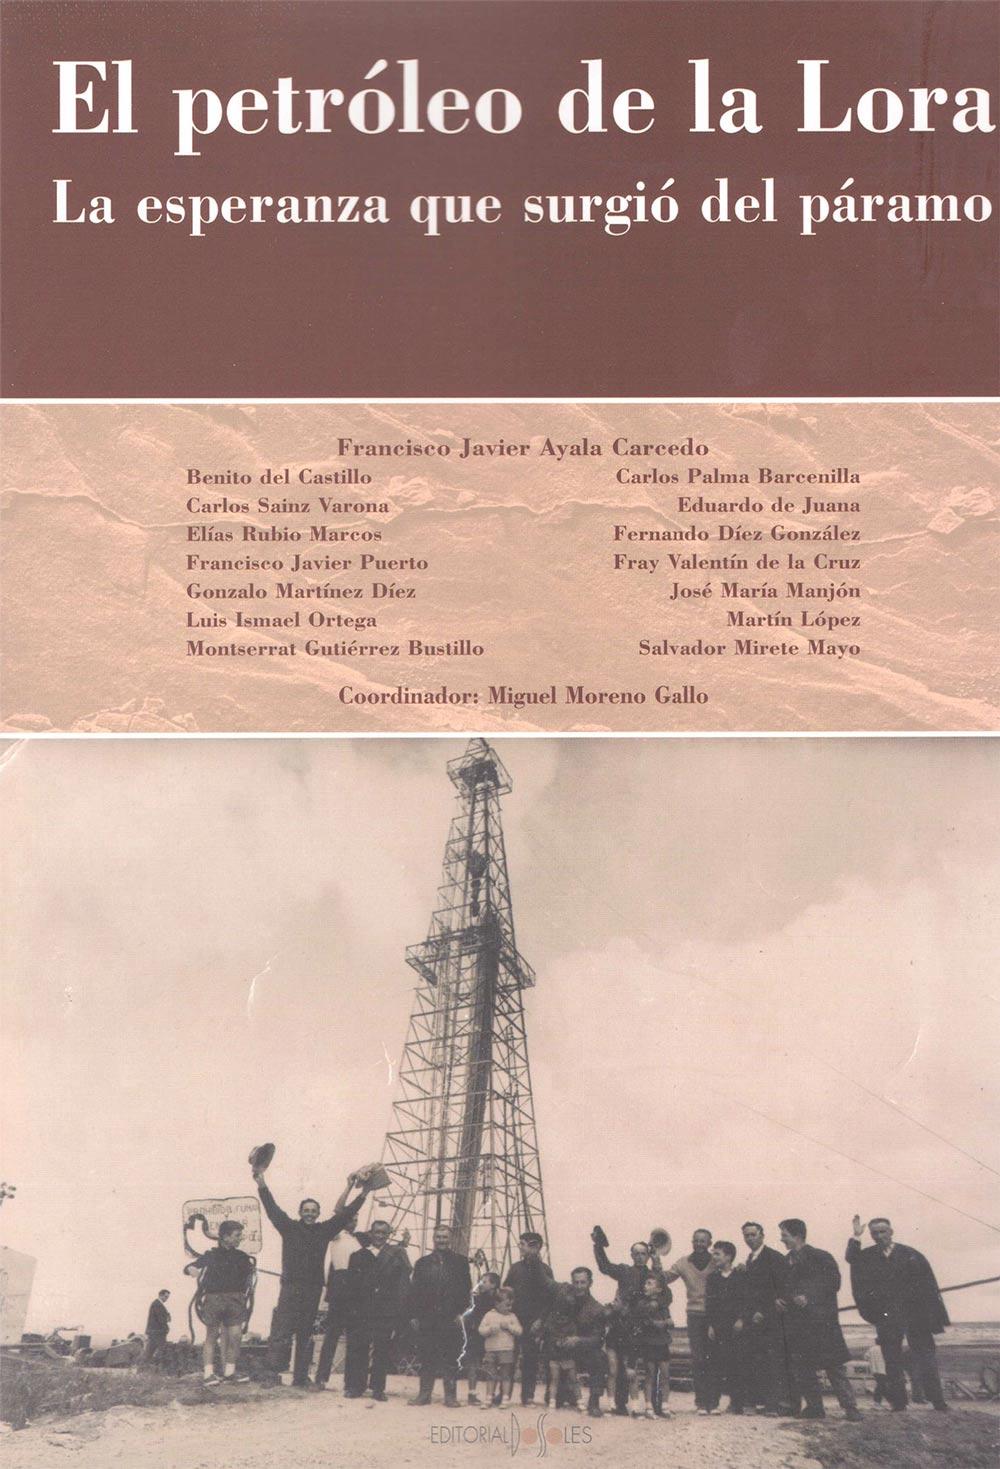 El petroleo de La Lora. La esperanza que surgio del paramo